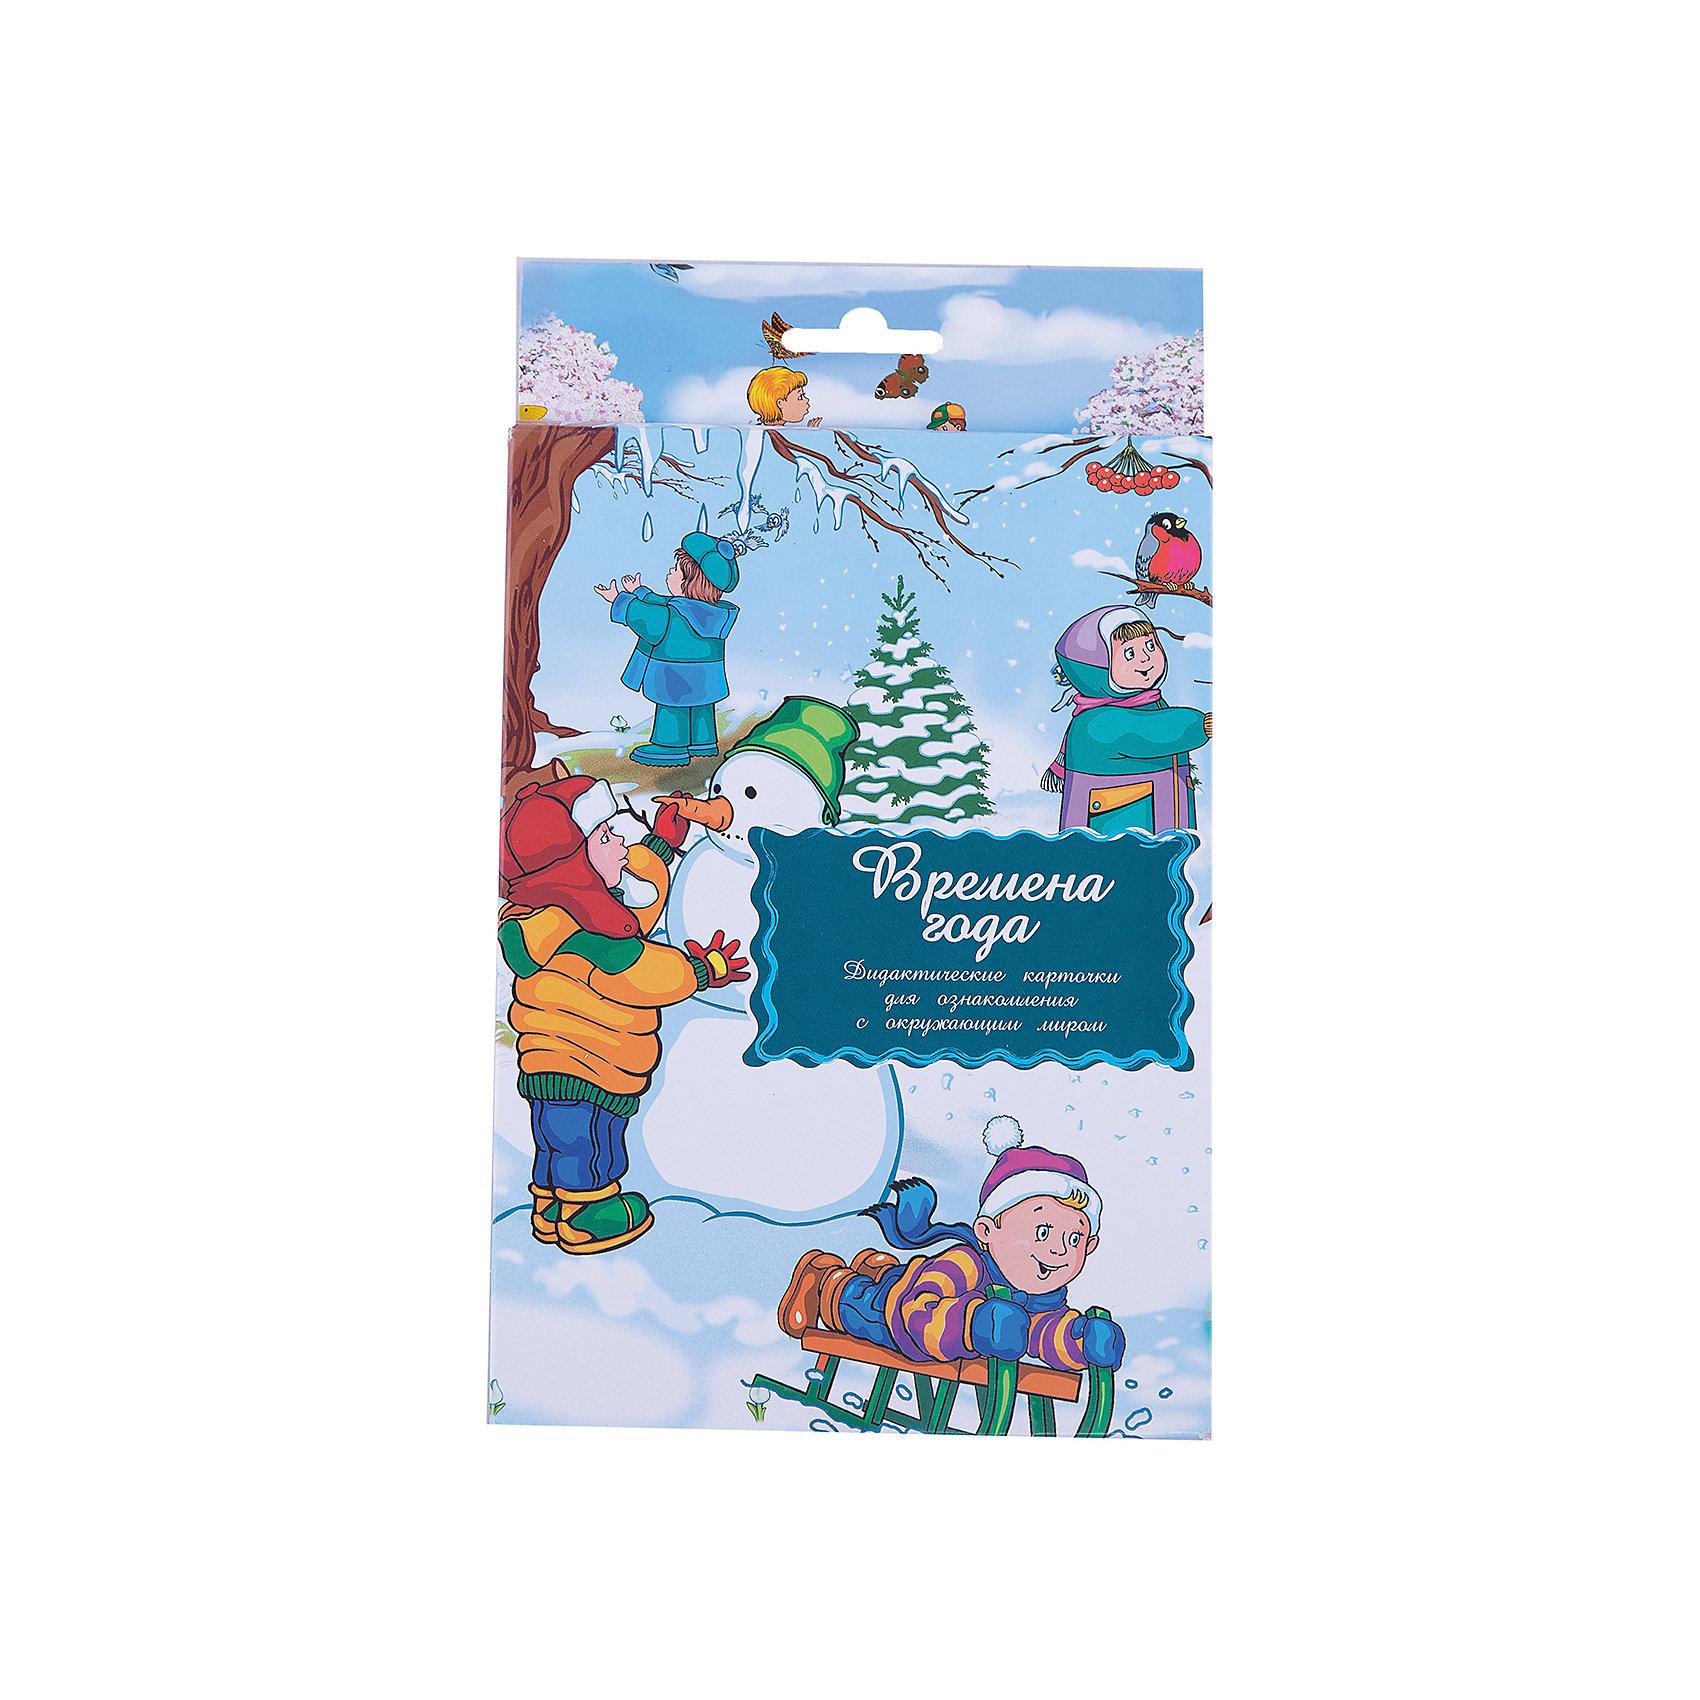 Дидактические карточки Времена года, Маленький генийОбучающие карточки<br>Дидактические карточки Времена года, Маленький гений.<br><br>Характеристики:<br><br>• Художник: Голубев В.<br>• Количество карточек: 16<br>• Размер карточек: 25х15 см.<br>• Материал: картон<br>• Упаковка: картонный блистер с европодвесом<br>• Размер упаковки: 25,2х15,1х1 см.<br><br>Дидактические карточки с крупными яркими картинками познакомят малыша с временами года, их признаками и месяцами. Всего в набор входит 16 карточек: зима, весна, лето, осень, январь, февраль, март, апрель, май, июнь, июль, август, сентябрь, октябрь, ноябрь, декабрь. На одной стороне каждой карточки изображены картинки, соответствующие времени года или месяцу, а на обратной стороне дано его описание: основные признаки, события, происходящие в природе и жизни человека, праздники, народные приметы. <br><br>Совсем маленькому ребенку можно просто показывать карточки с временами года. Когда он запомнит их можно просить его найти карточку с тем или иным временем года или назвать то, которое Вы ему показываете. Ребенка постарше можно познакомить с месяцами, составляющими каждое время года. Попросите его подобрать карточки с месяцами к карточке с изображением времени года. Для облегчения этой задачи элементы картинок с месяцами есть на карточке со временами года. Если ребенок учится читать, можно отрезать названия и, перемешав, предложить ребенку подобрать картинки к названиям. <br><br>С карточками можно организовать и множество игр на развитие внимания, логического мышления и памяти. Игра «Четвертый лишний»: из четырех карточек, одна из которых отличается от трех других, ребенок должен выбрать лишнюю и объяснить свой выбор. Можно по очереди с ребенком отвечать на вопрос «Какой?» относительно каждой карточки, стараясь дать больше ответов. <br><br>Разглядывая карточки, играя с ними, ваш малыш не только обогатит свой багаж знаний об окружающем мире, но и научится составлять предложения, беседовать по картинкам, классифицировать